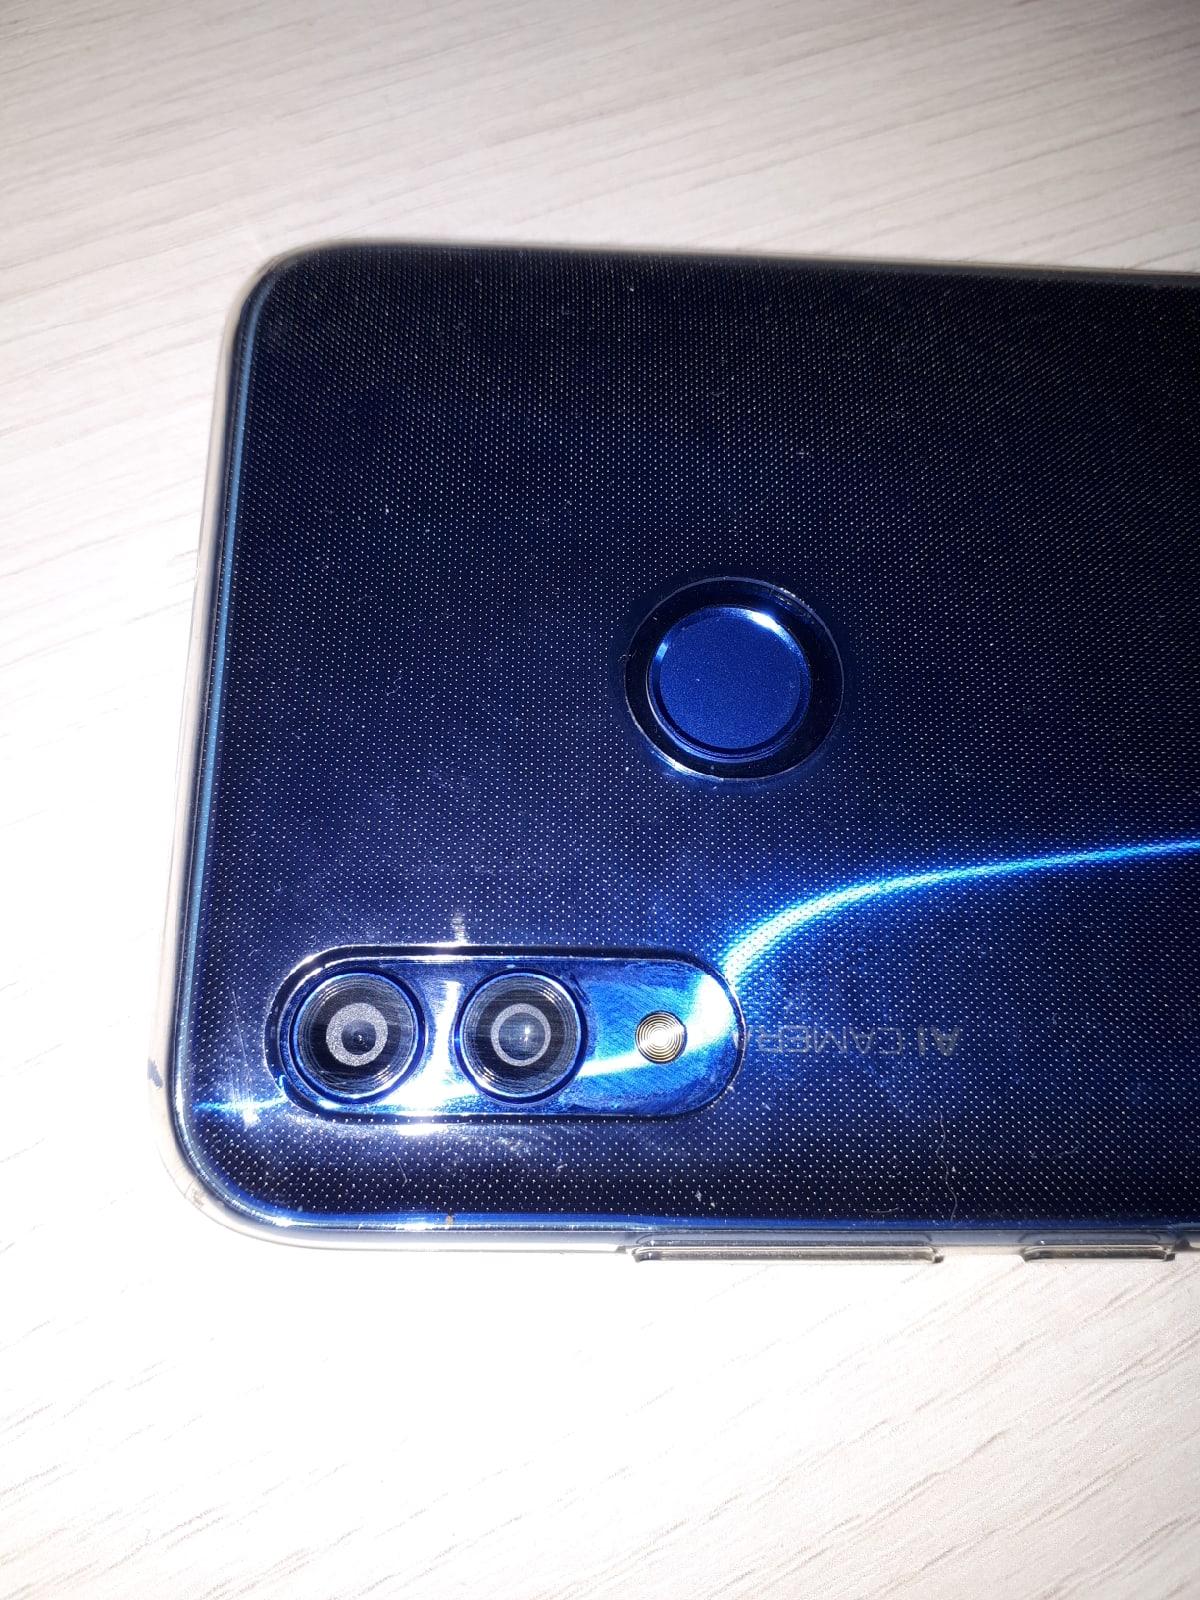 Камера телефона Honor, Huawei мутно снимает